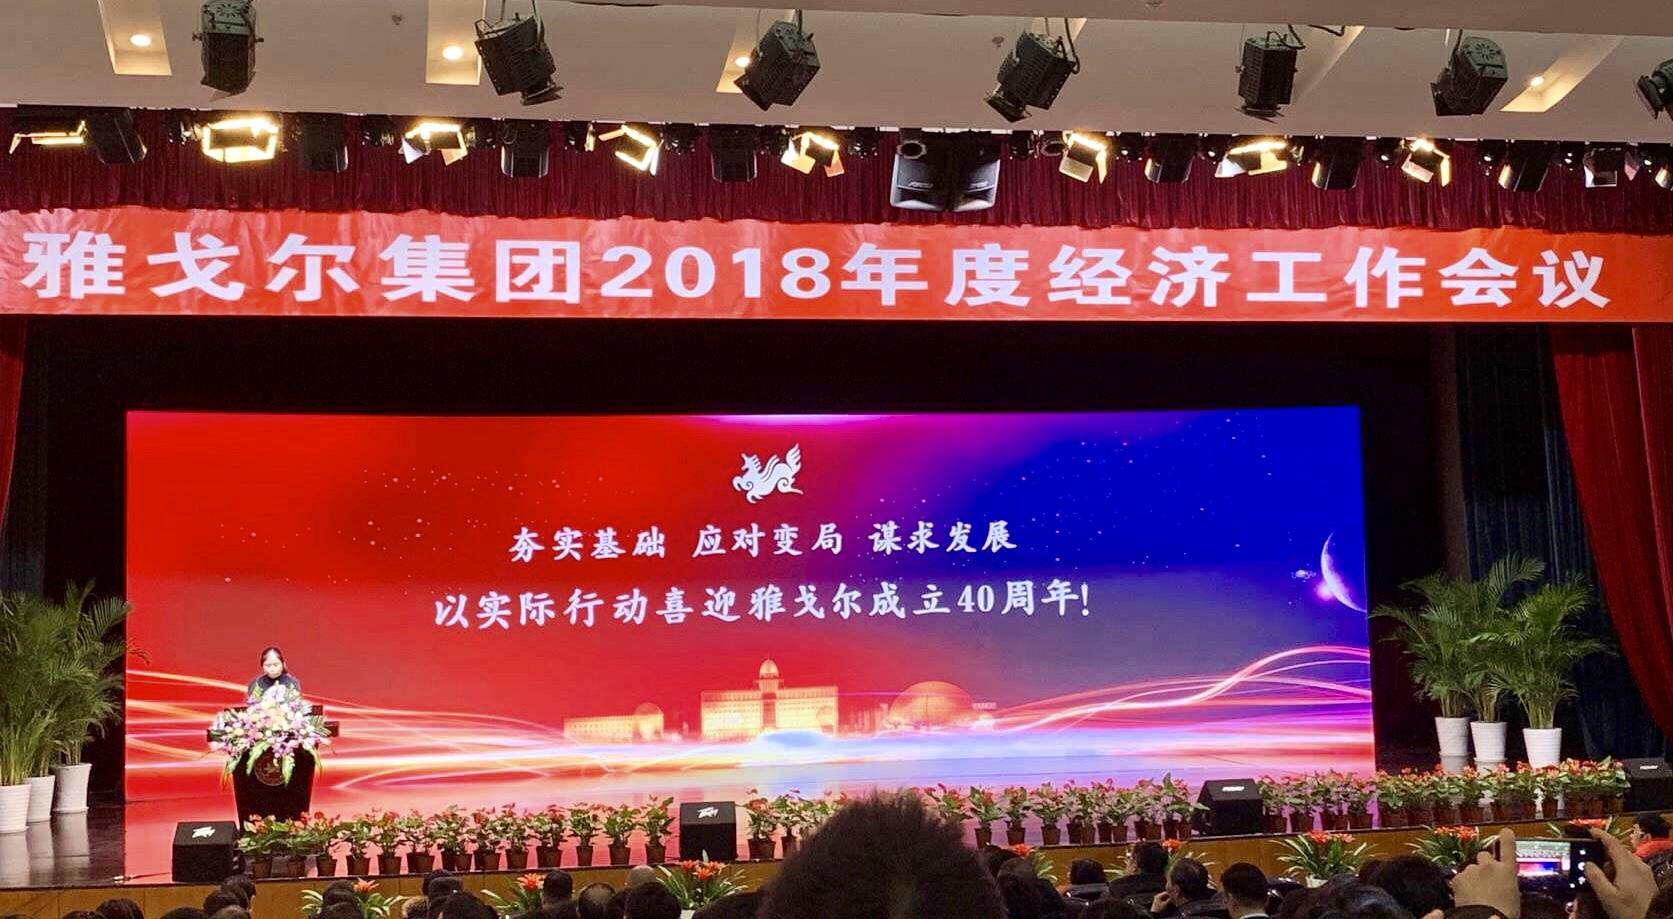 2019年经济年度_2019年度能源经济预测与展望研究报告在京发布